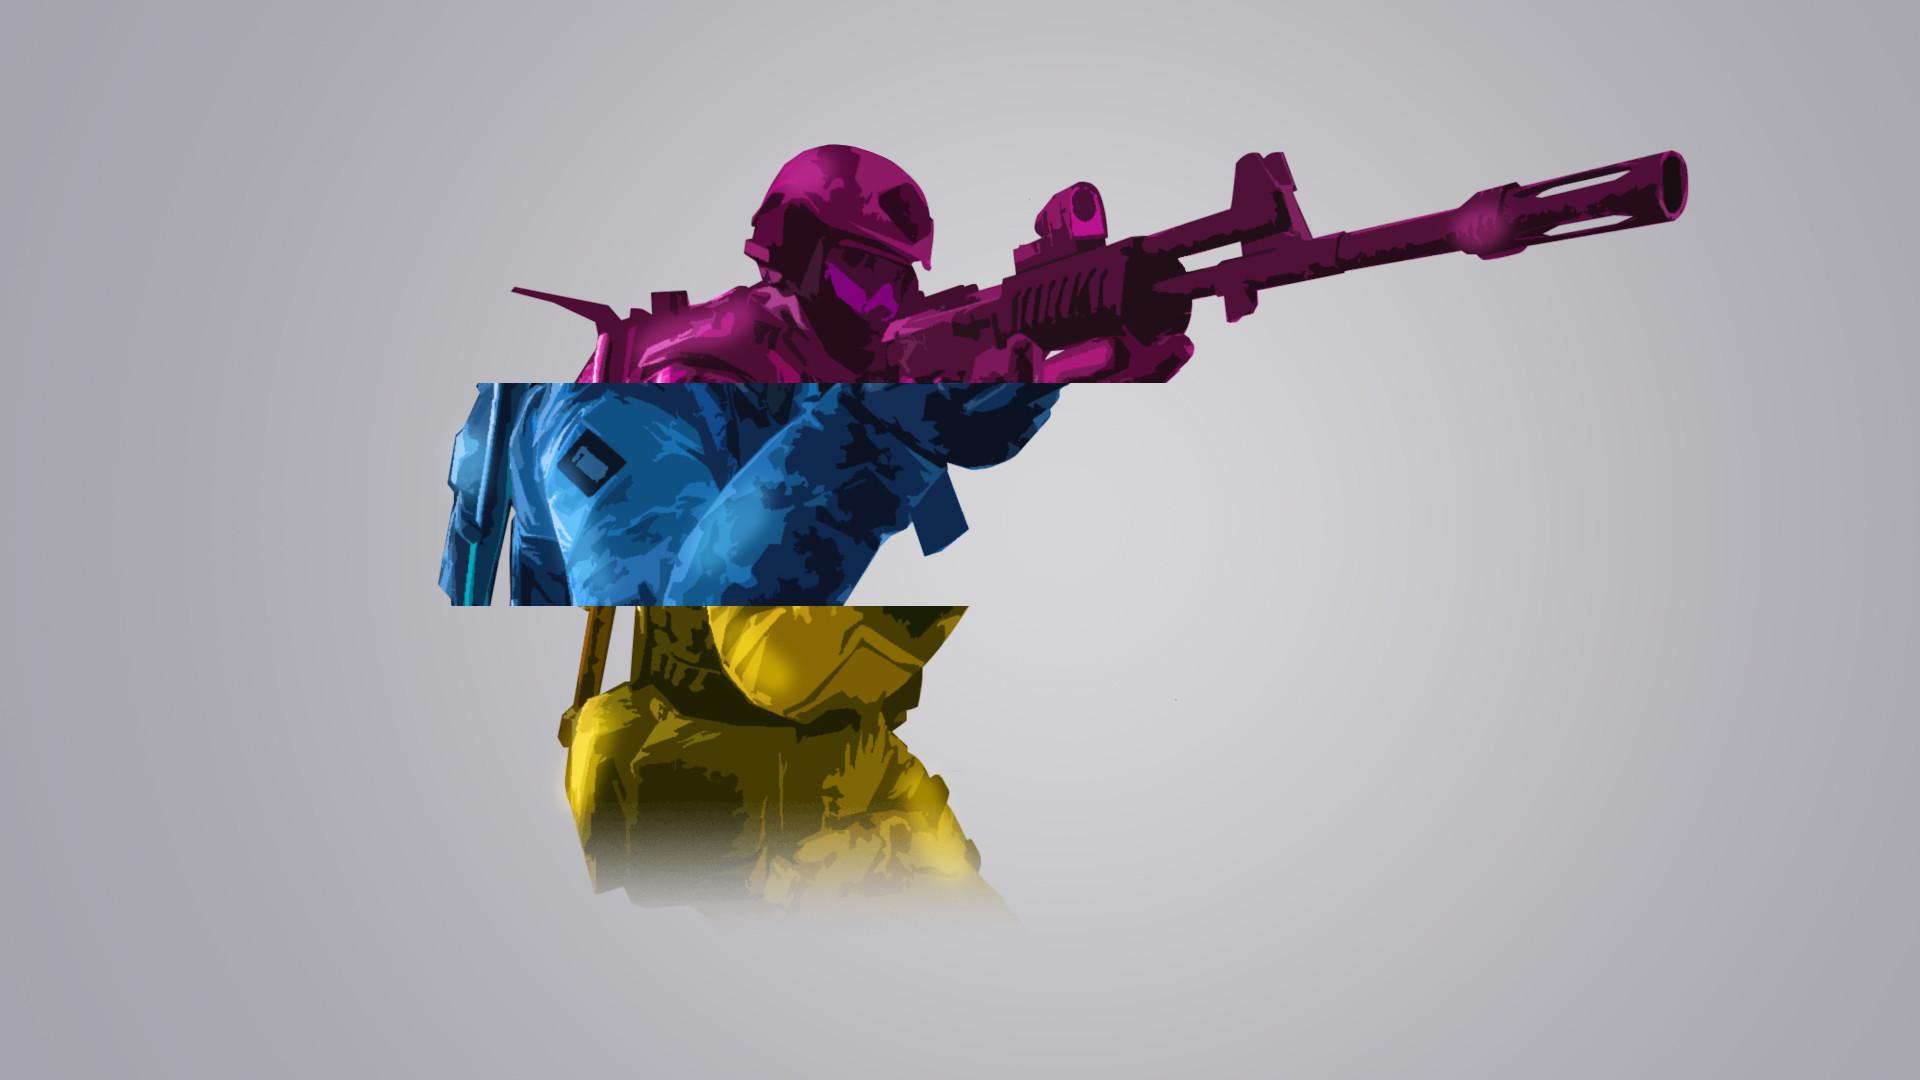 … CS:GO Wallpaper by DandaPixel